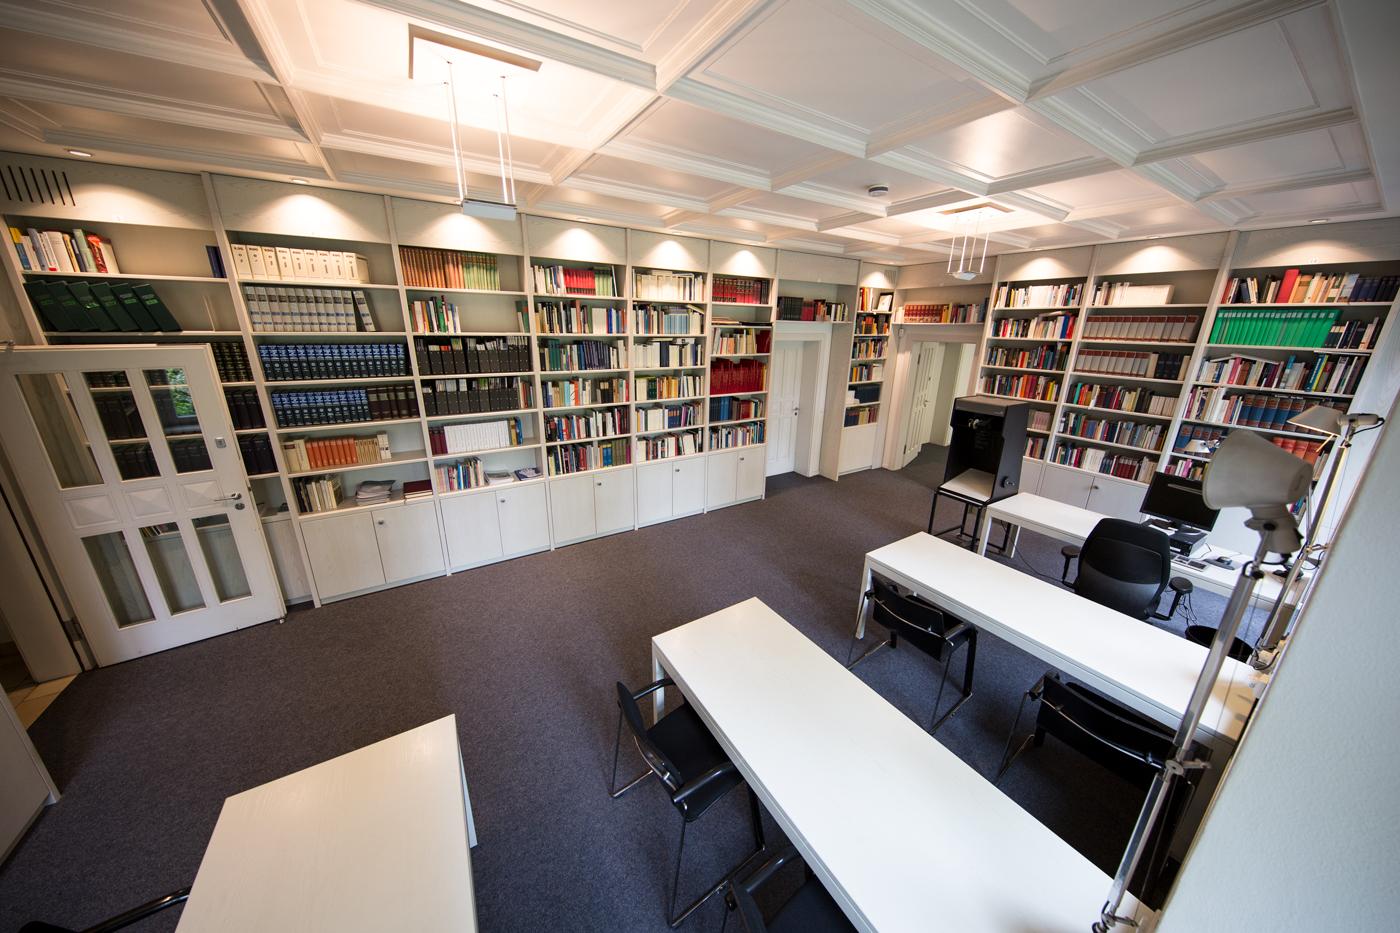 Orff-Zentrum München; Carl Orff; OZM; Bibliothek des Orff-Zentrums München